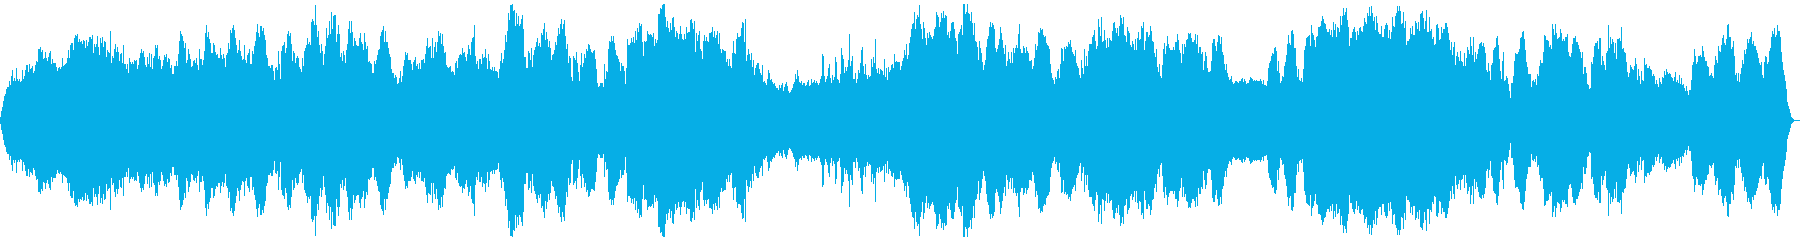 広い世界を内在化したヒーリング音楽の再生済みの波形